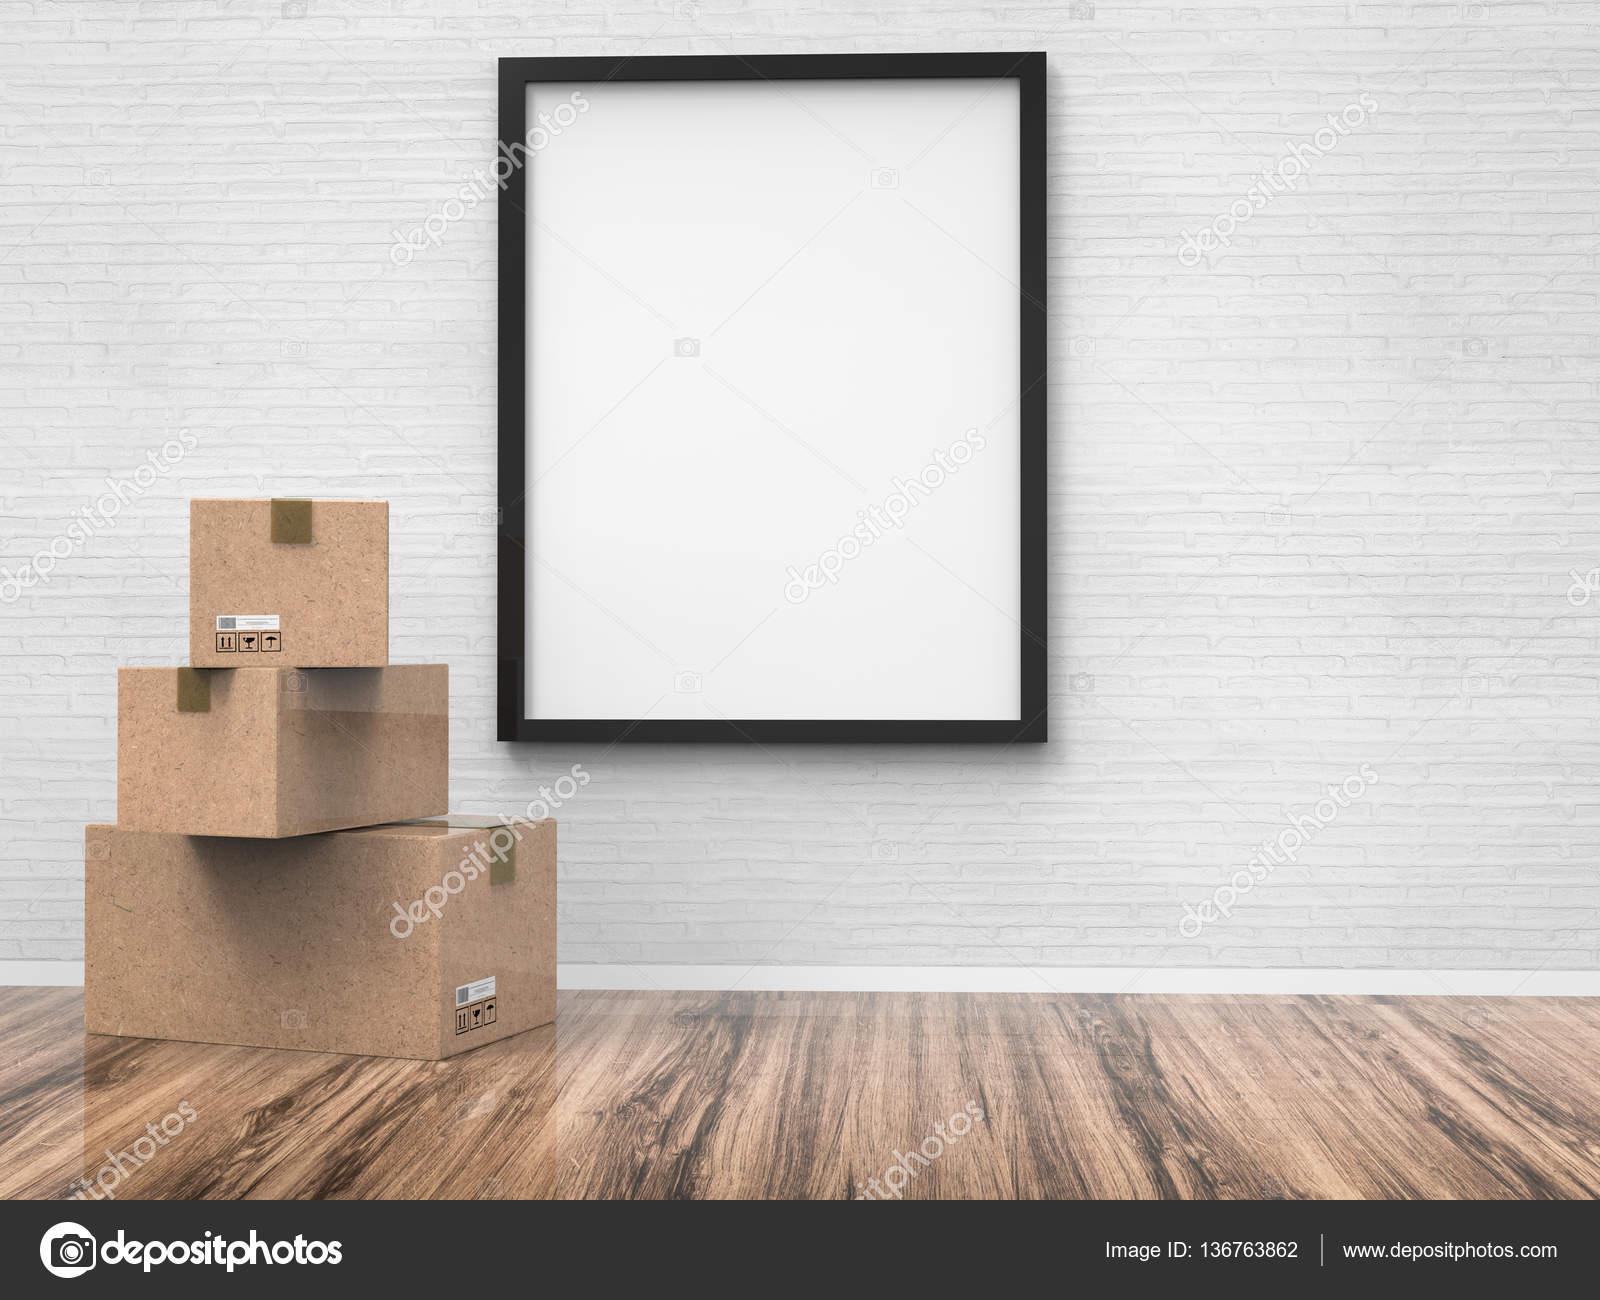 tablero vacío con cajas de cartón — Foto de stock © phonlamai #136763862